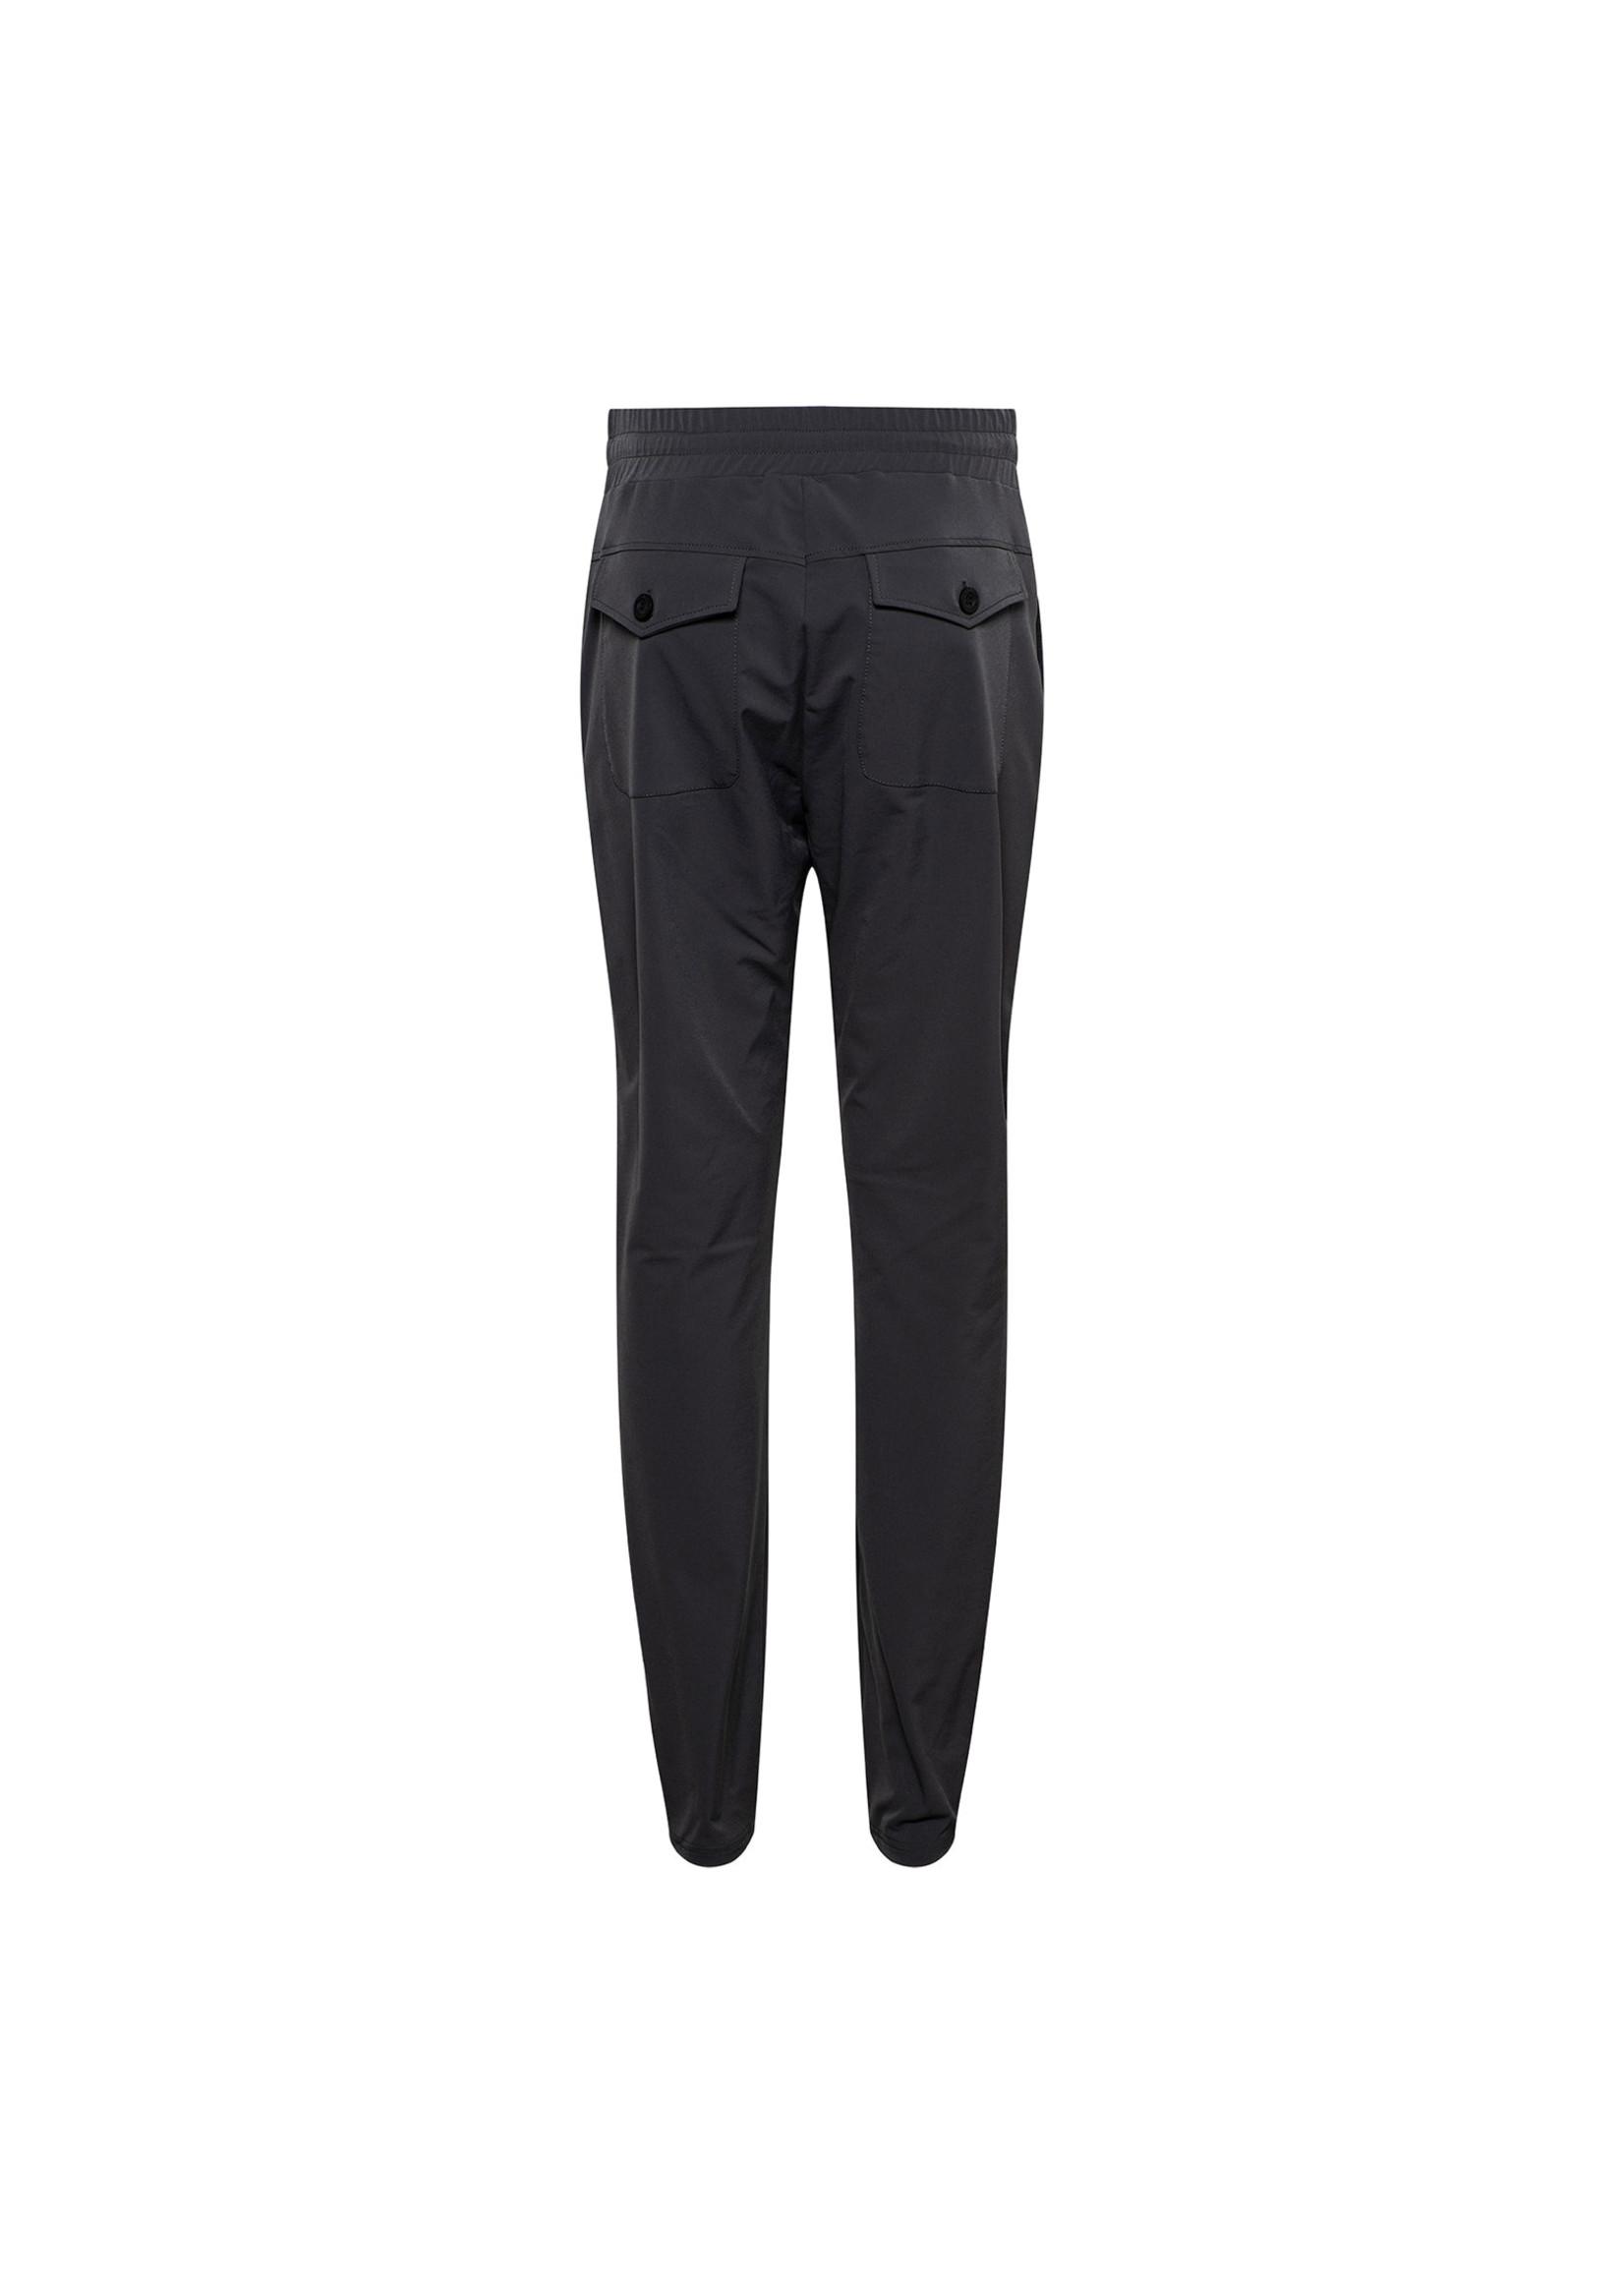 &Co Women Penny pants (off black)